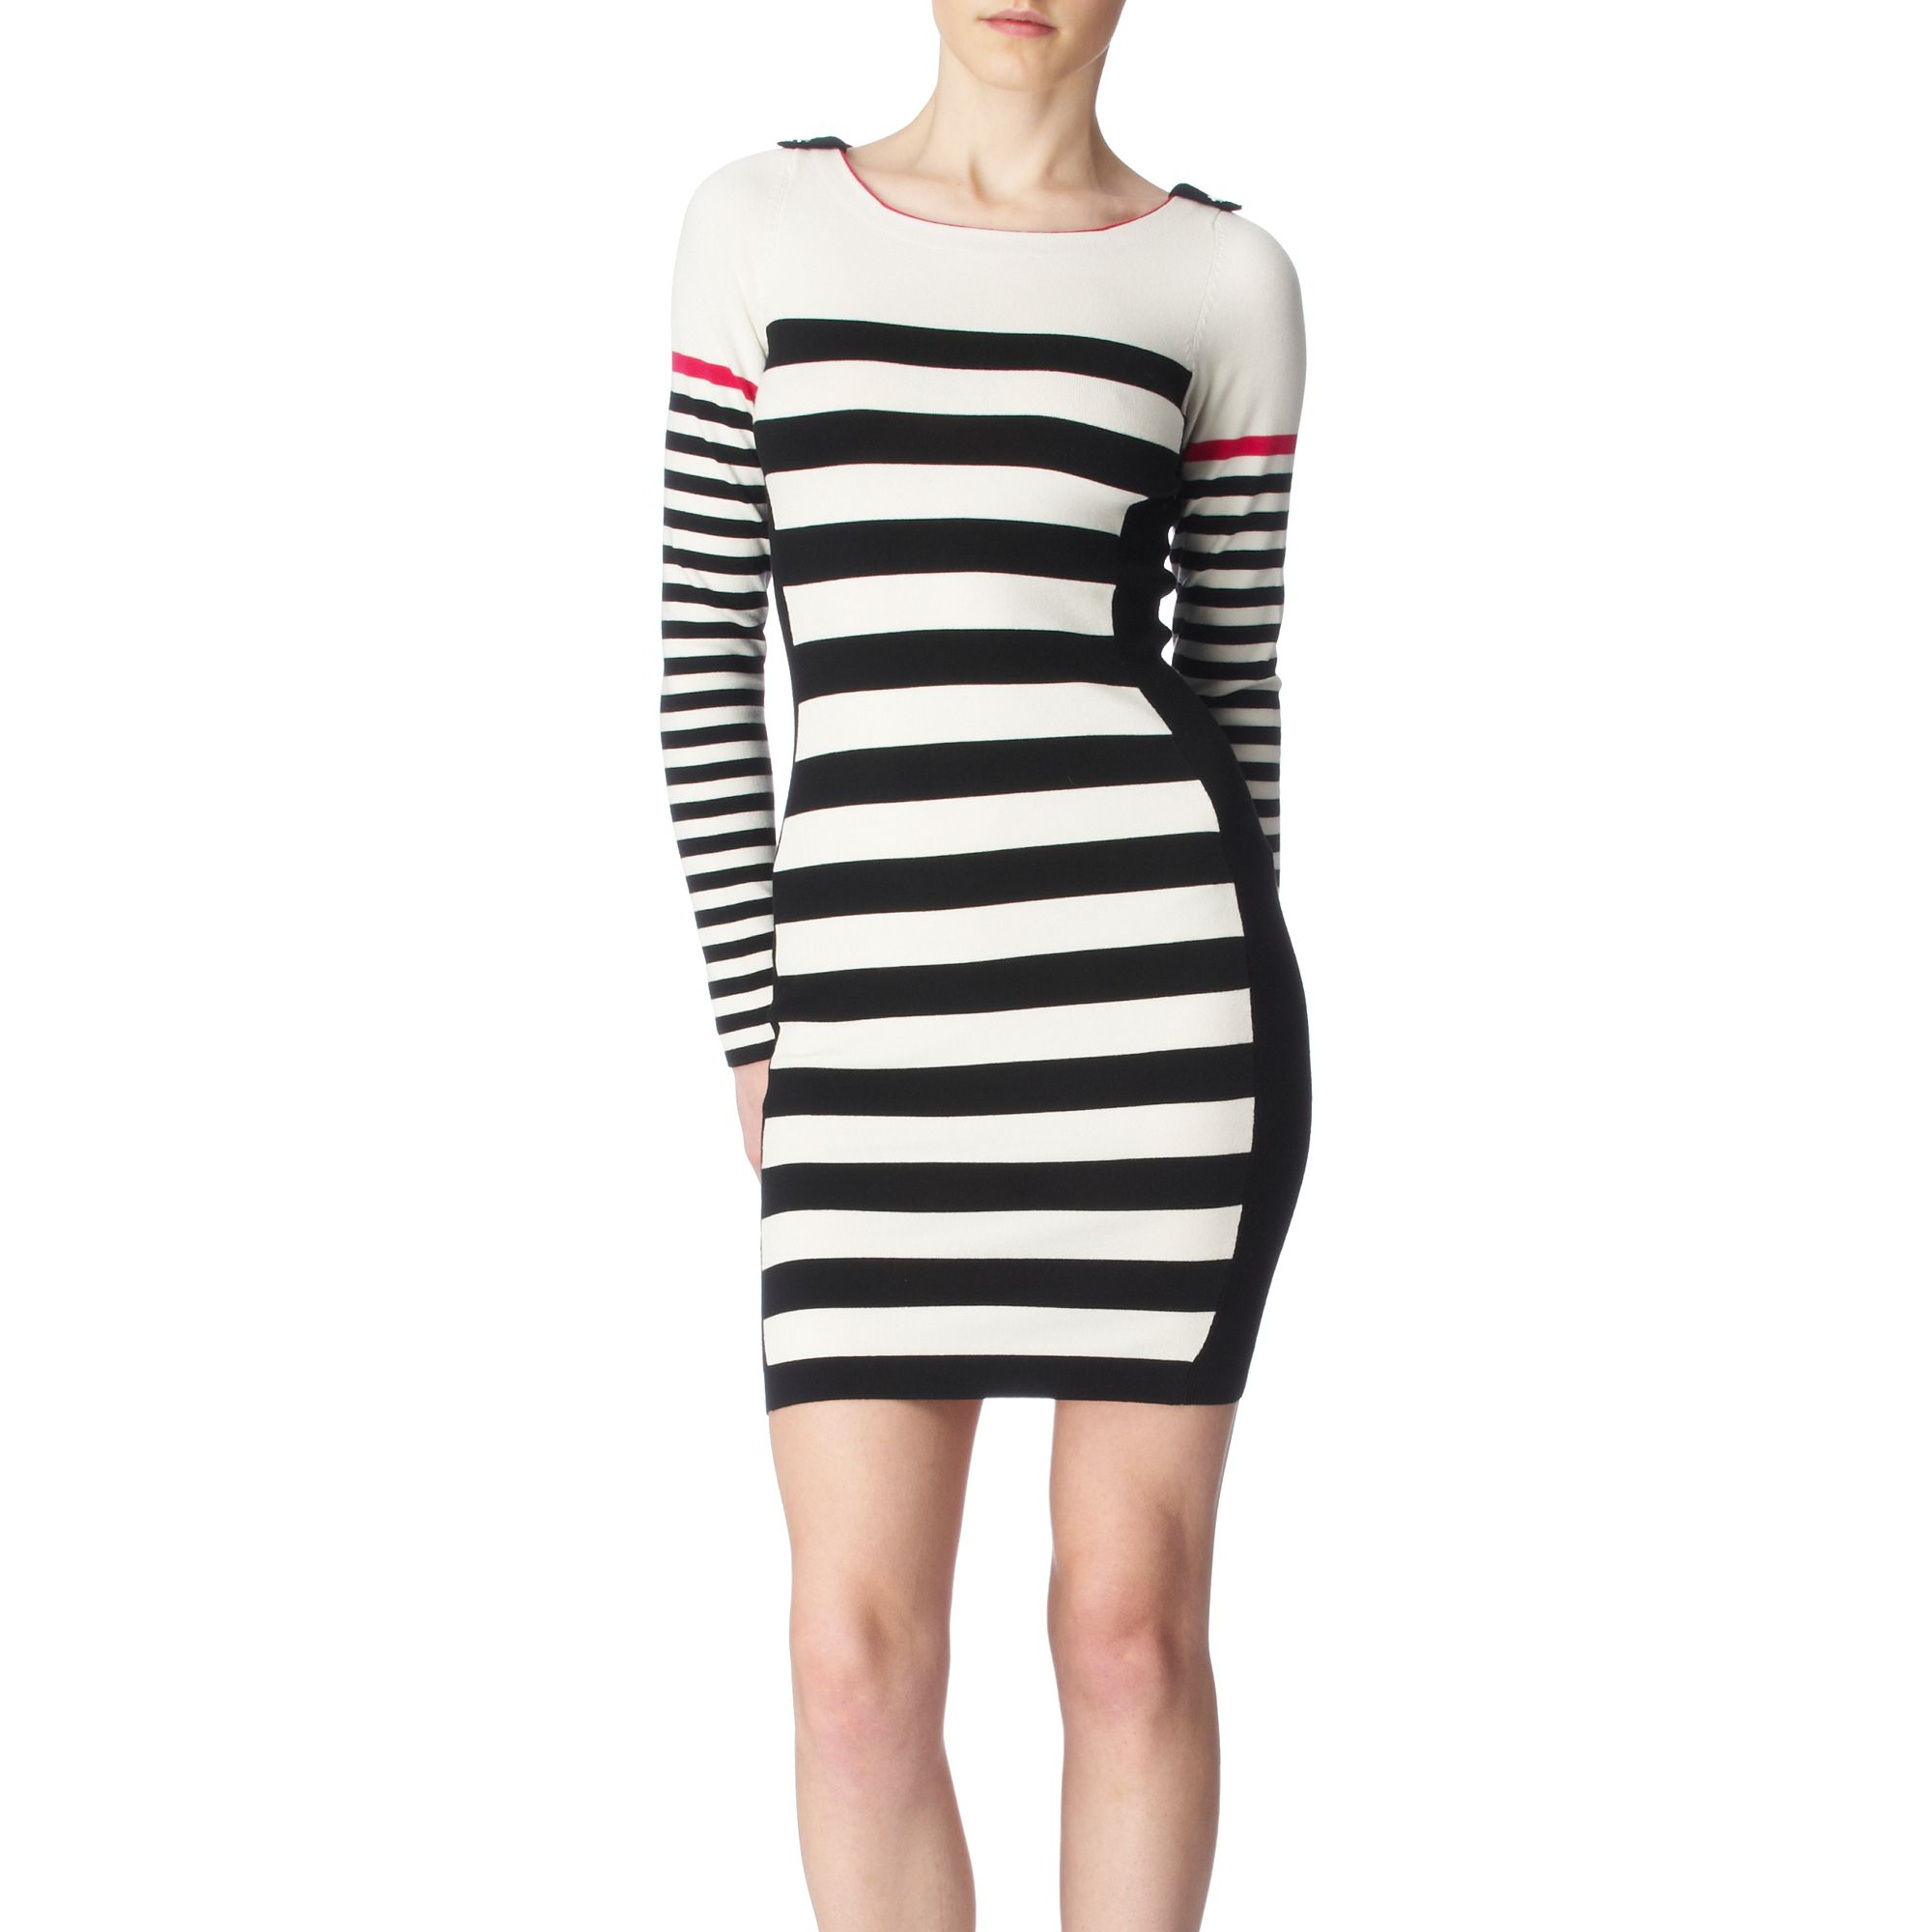 f4e44893 Karen Millen Block Stripe Knit Dress in Black - Lyst